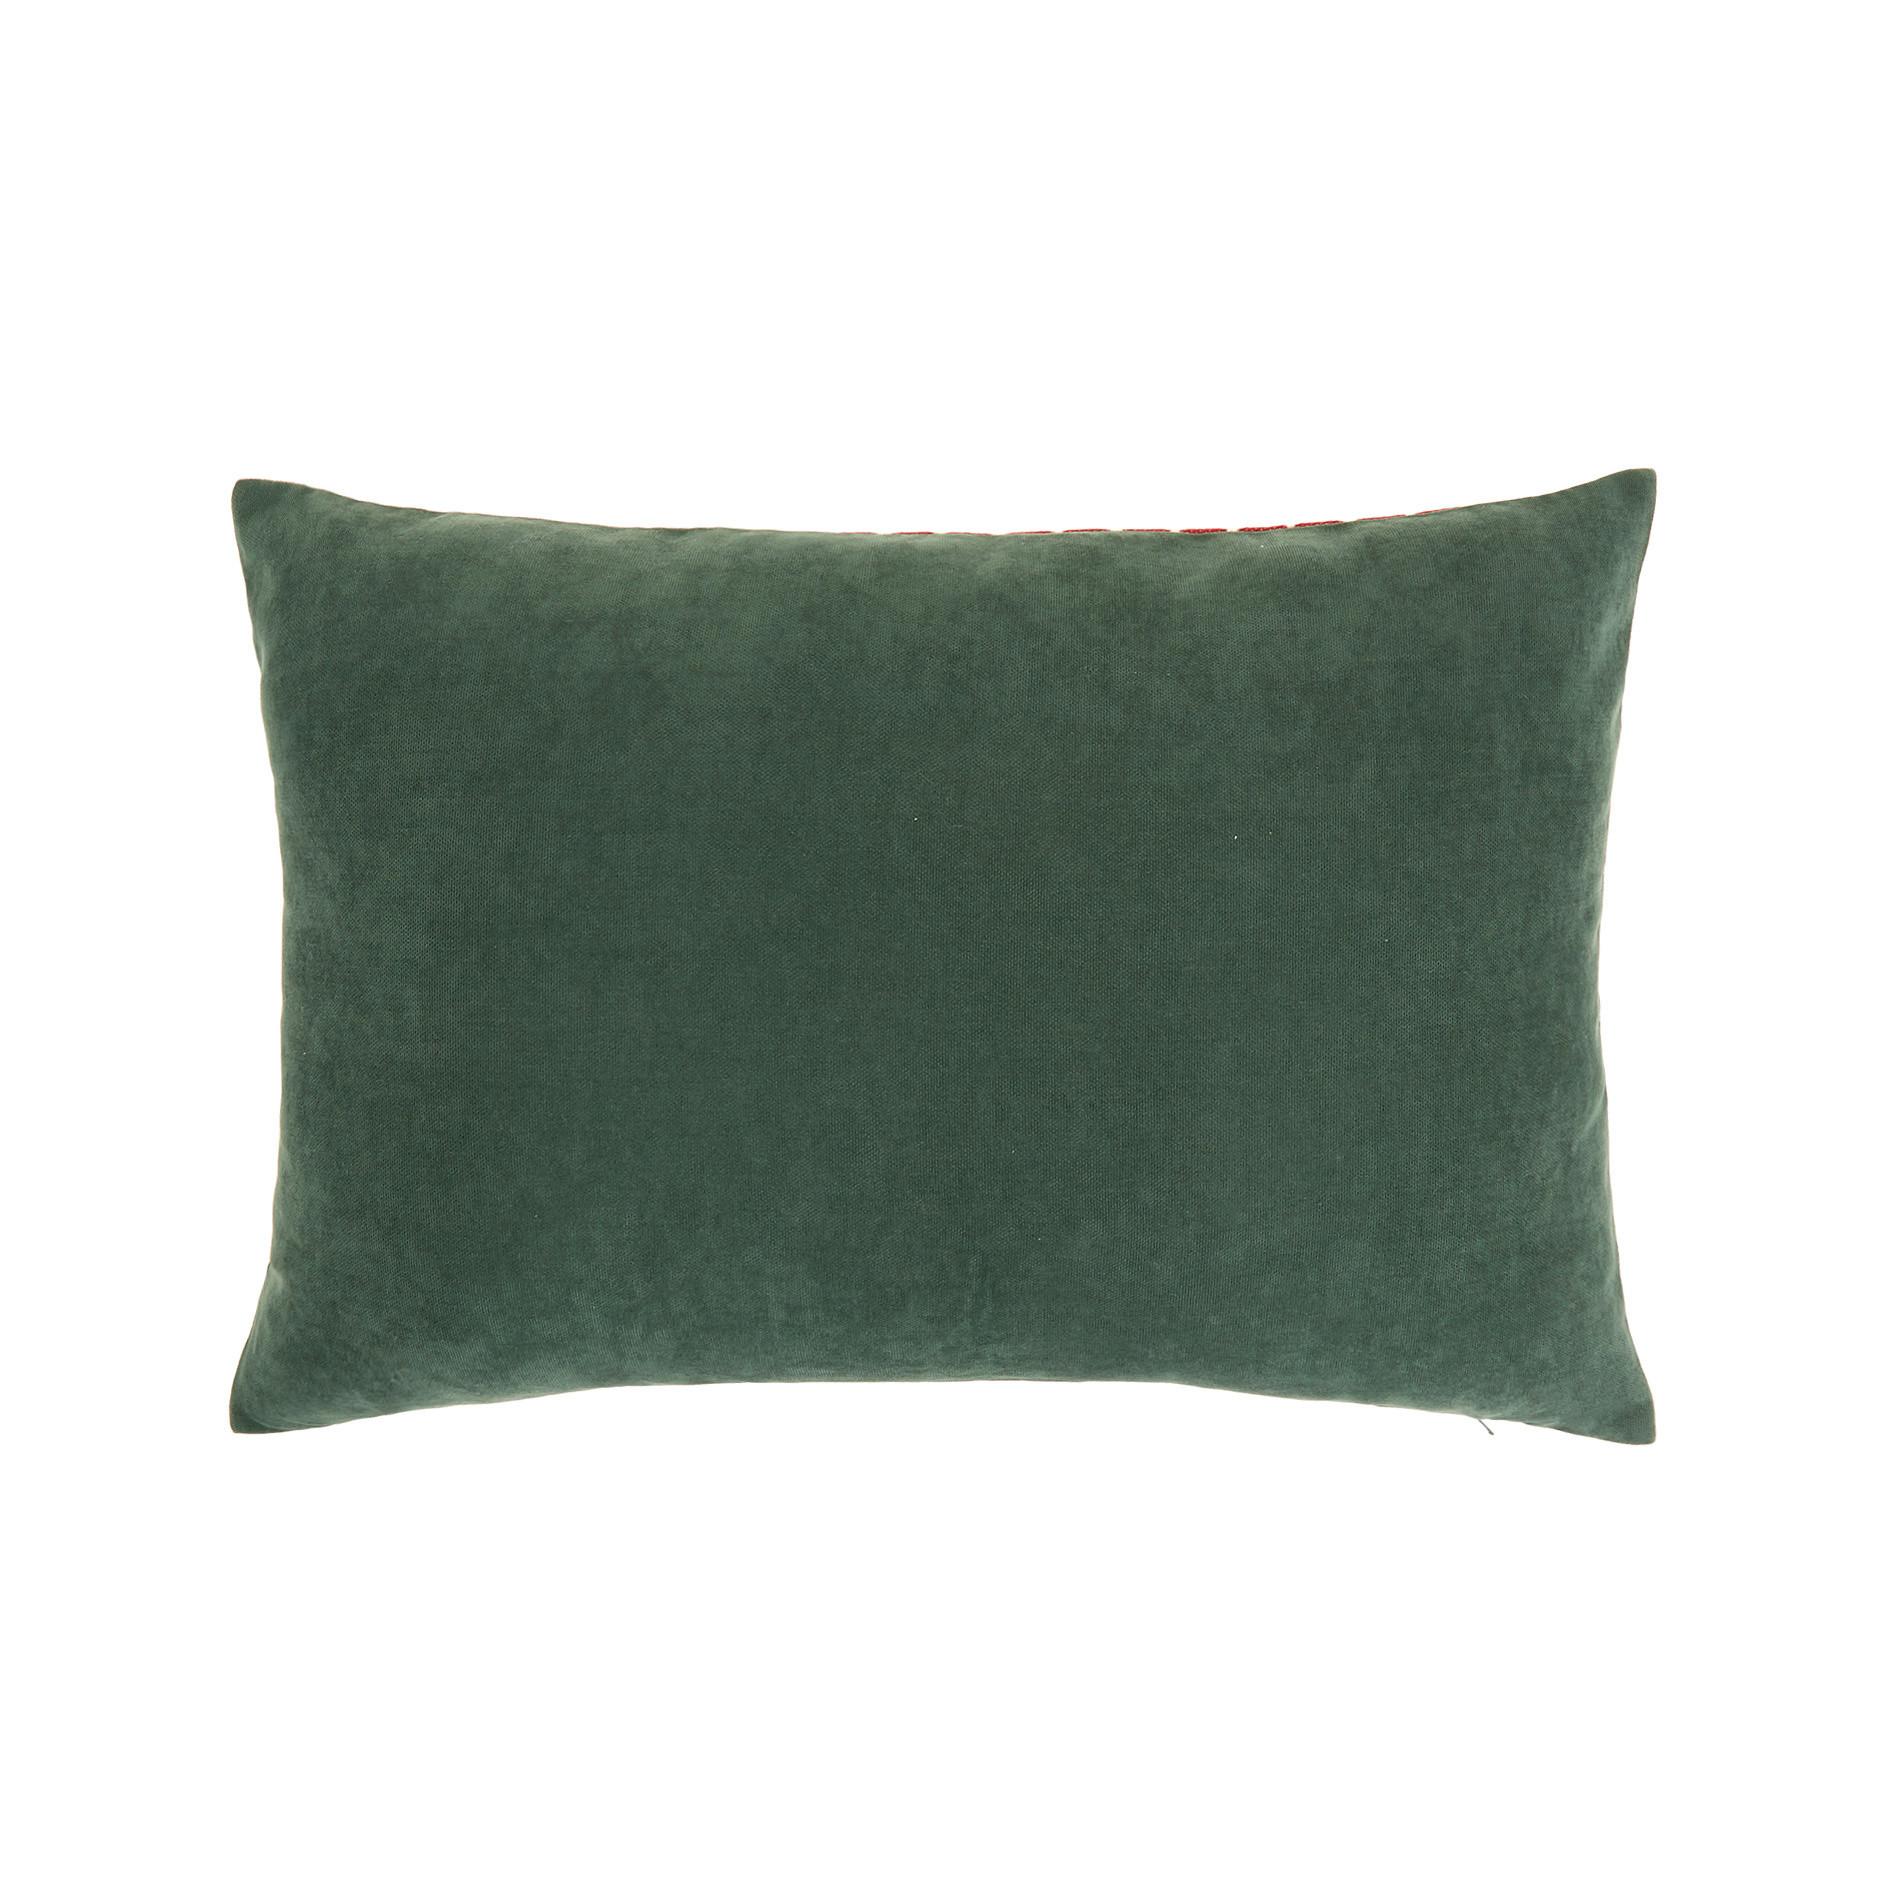 Cuscino jacquard motivo natalizio 35x55cm, Verde scuro, large image number 1